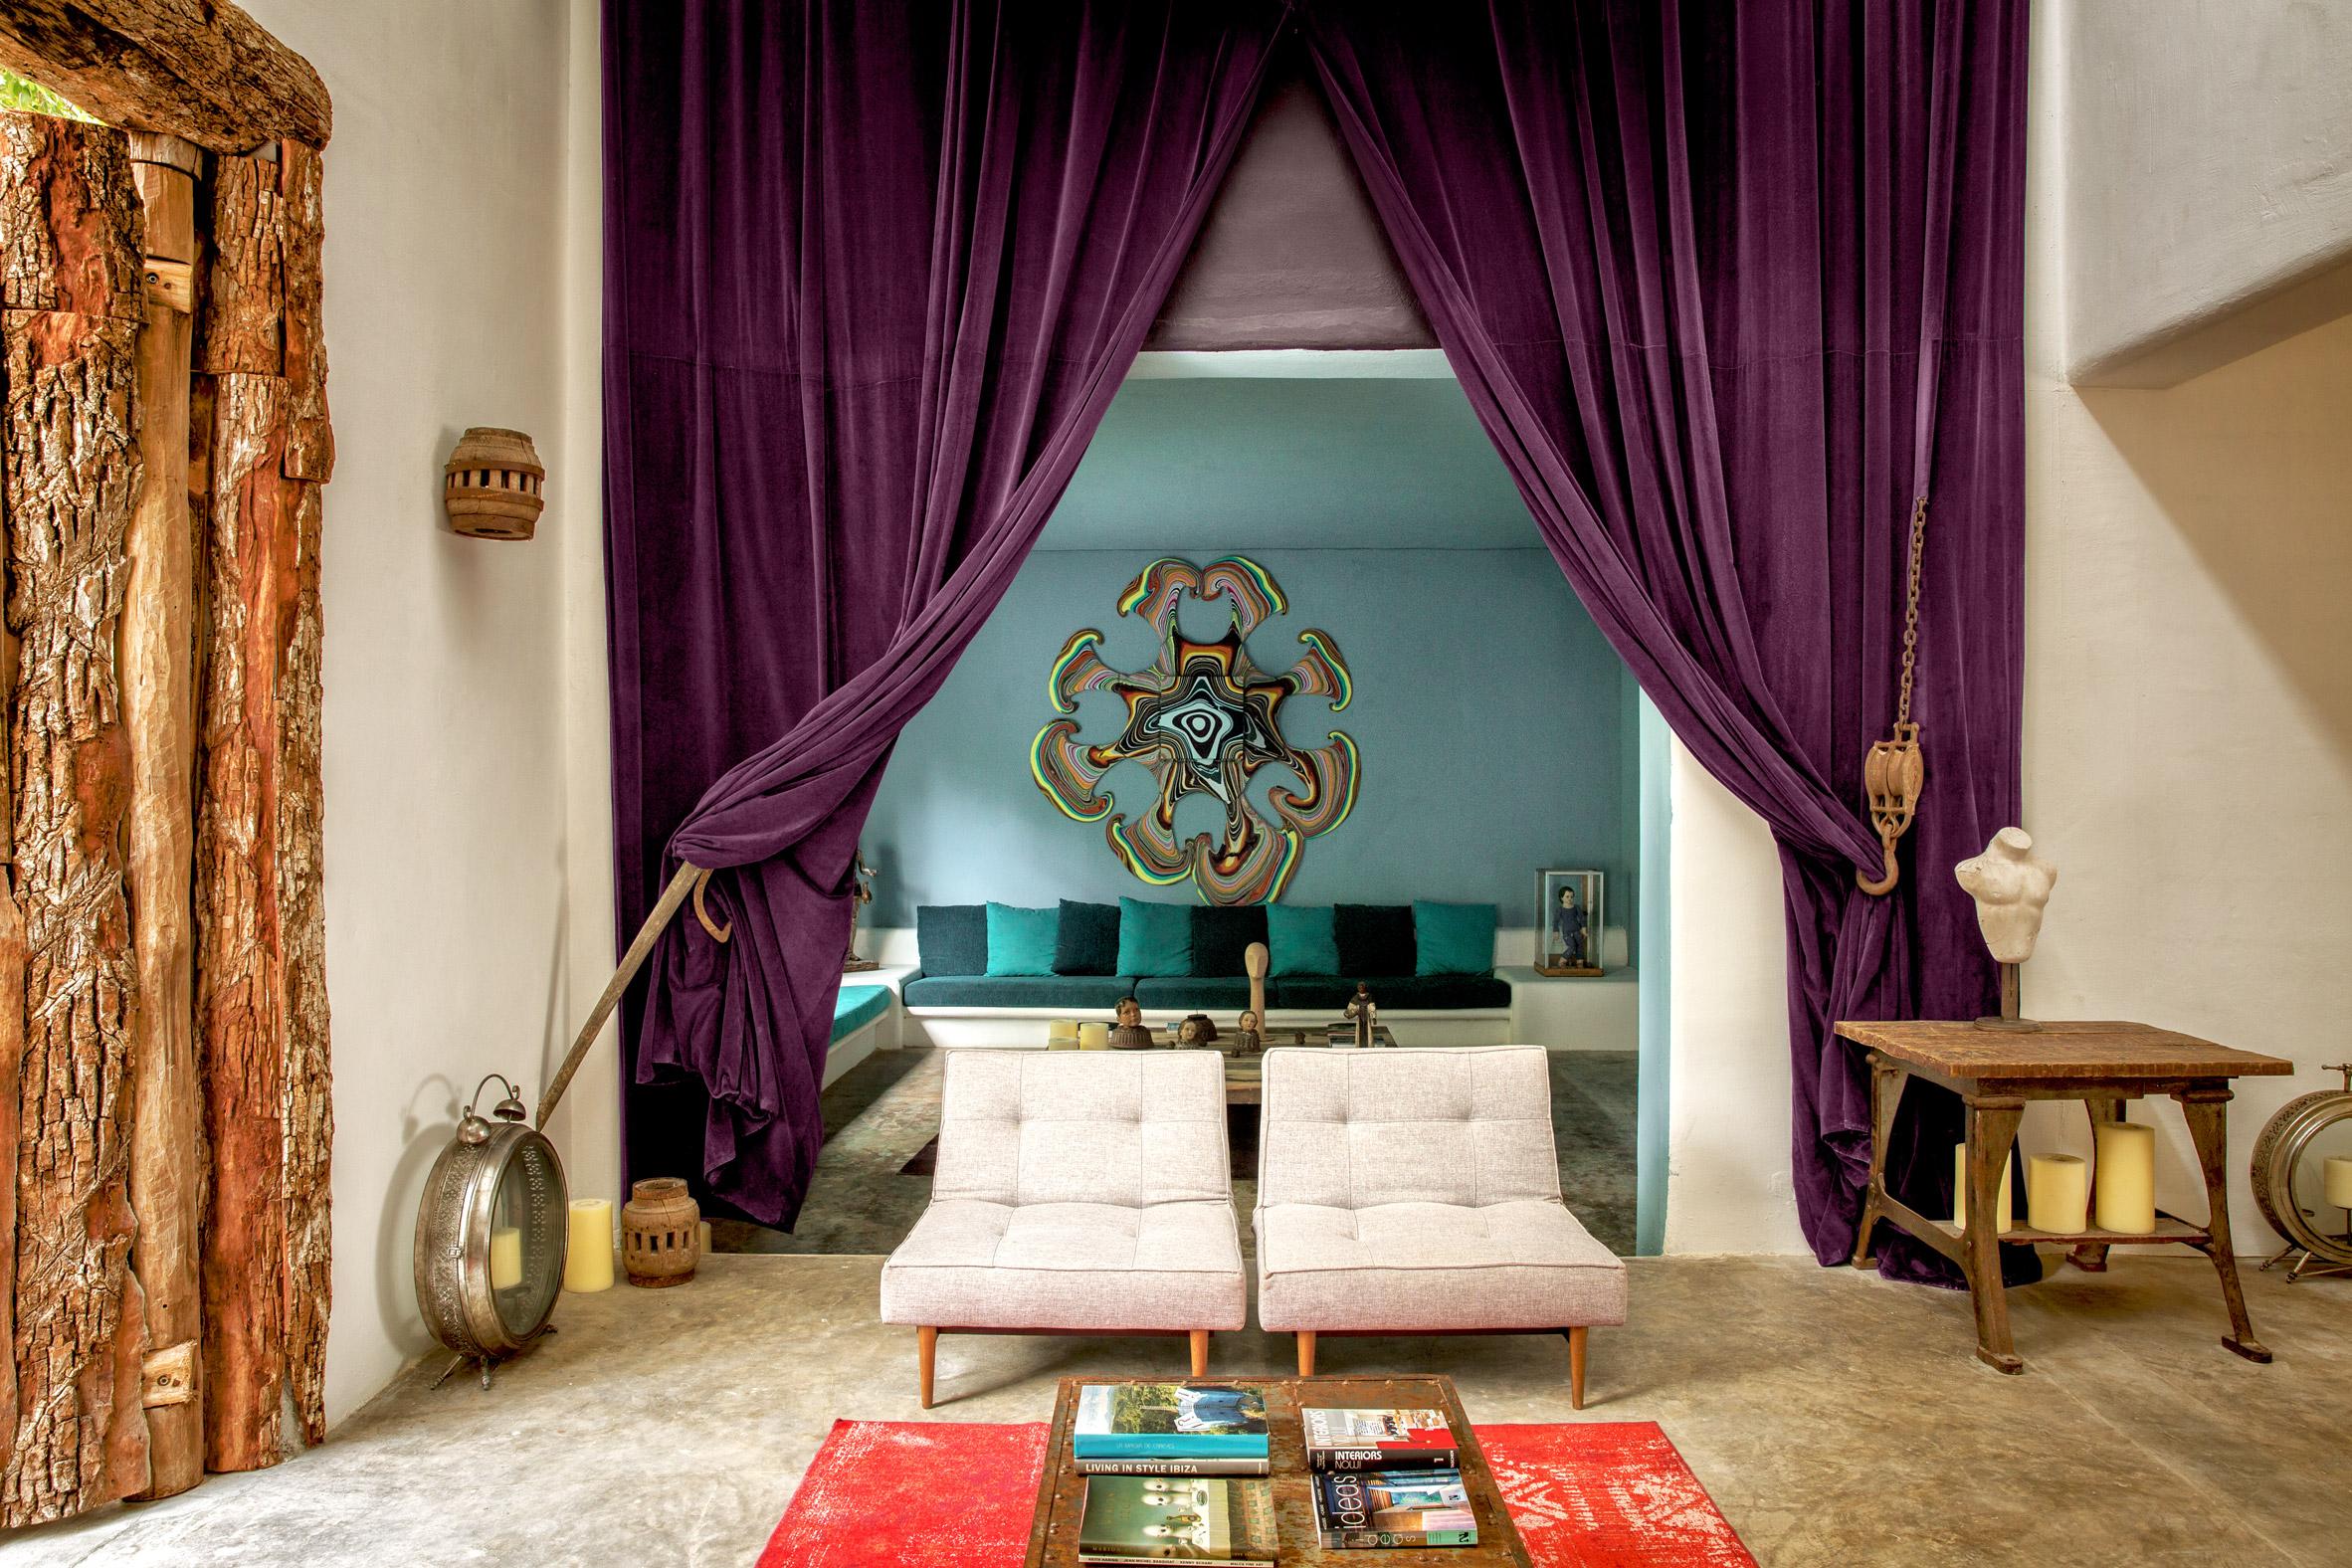 casa-malca-architecture-hotels-mexico_dezeen_2364_col_6